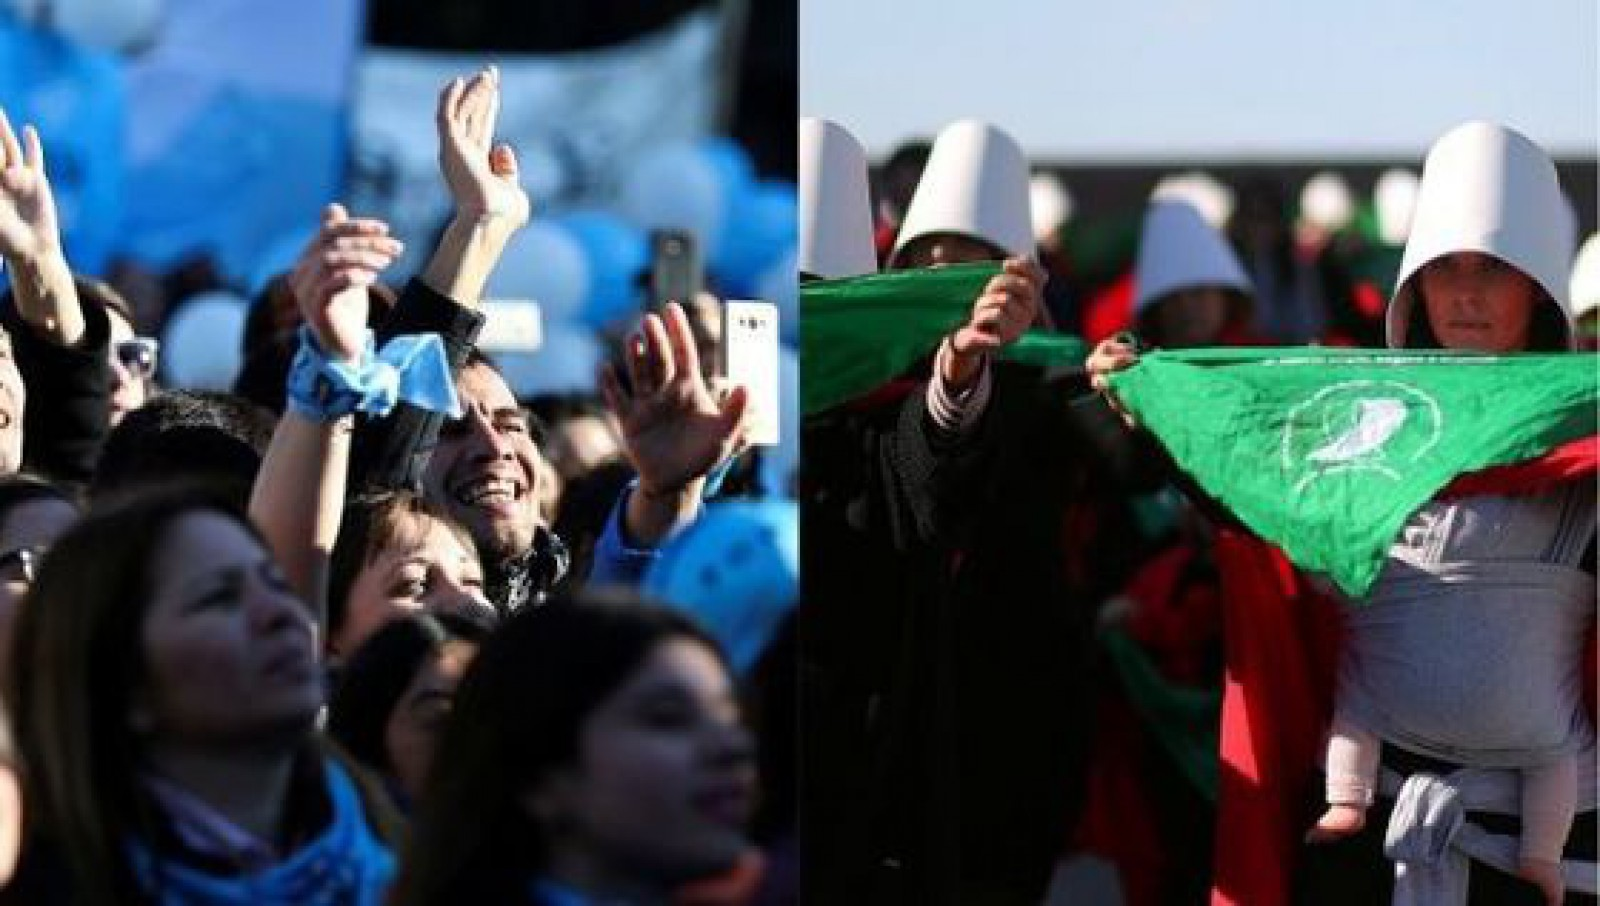 Senatul argentinian a respins un proiect de lege ce prevede legalizarea avortului